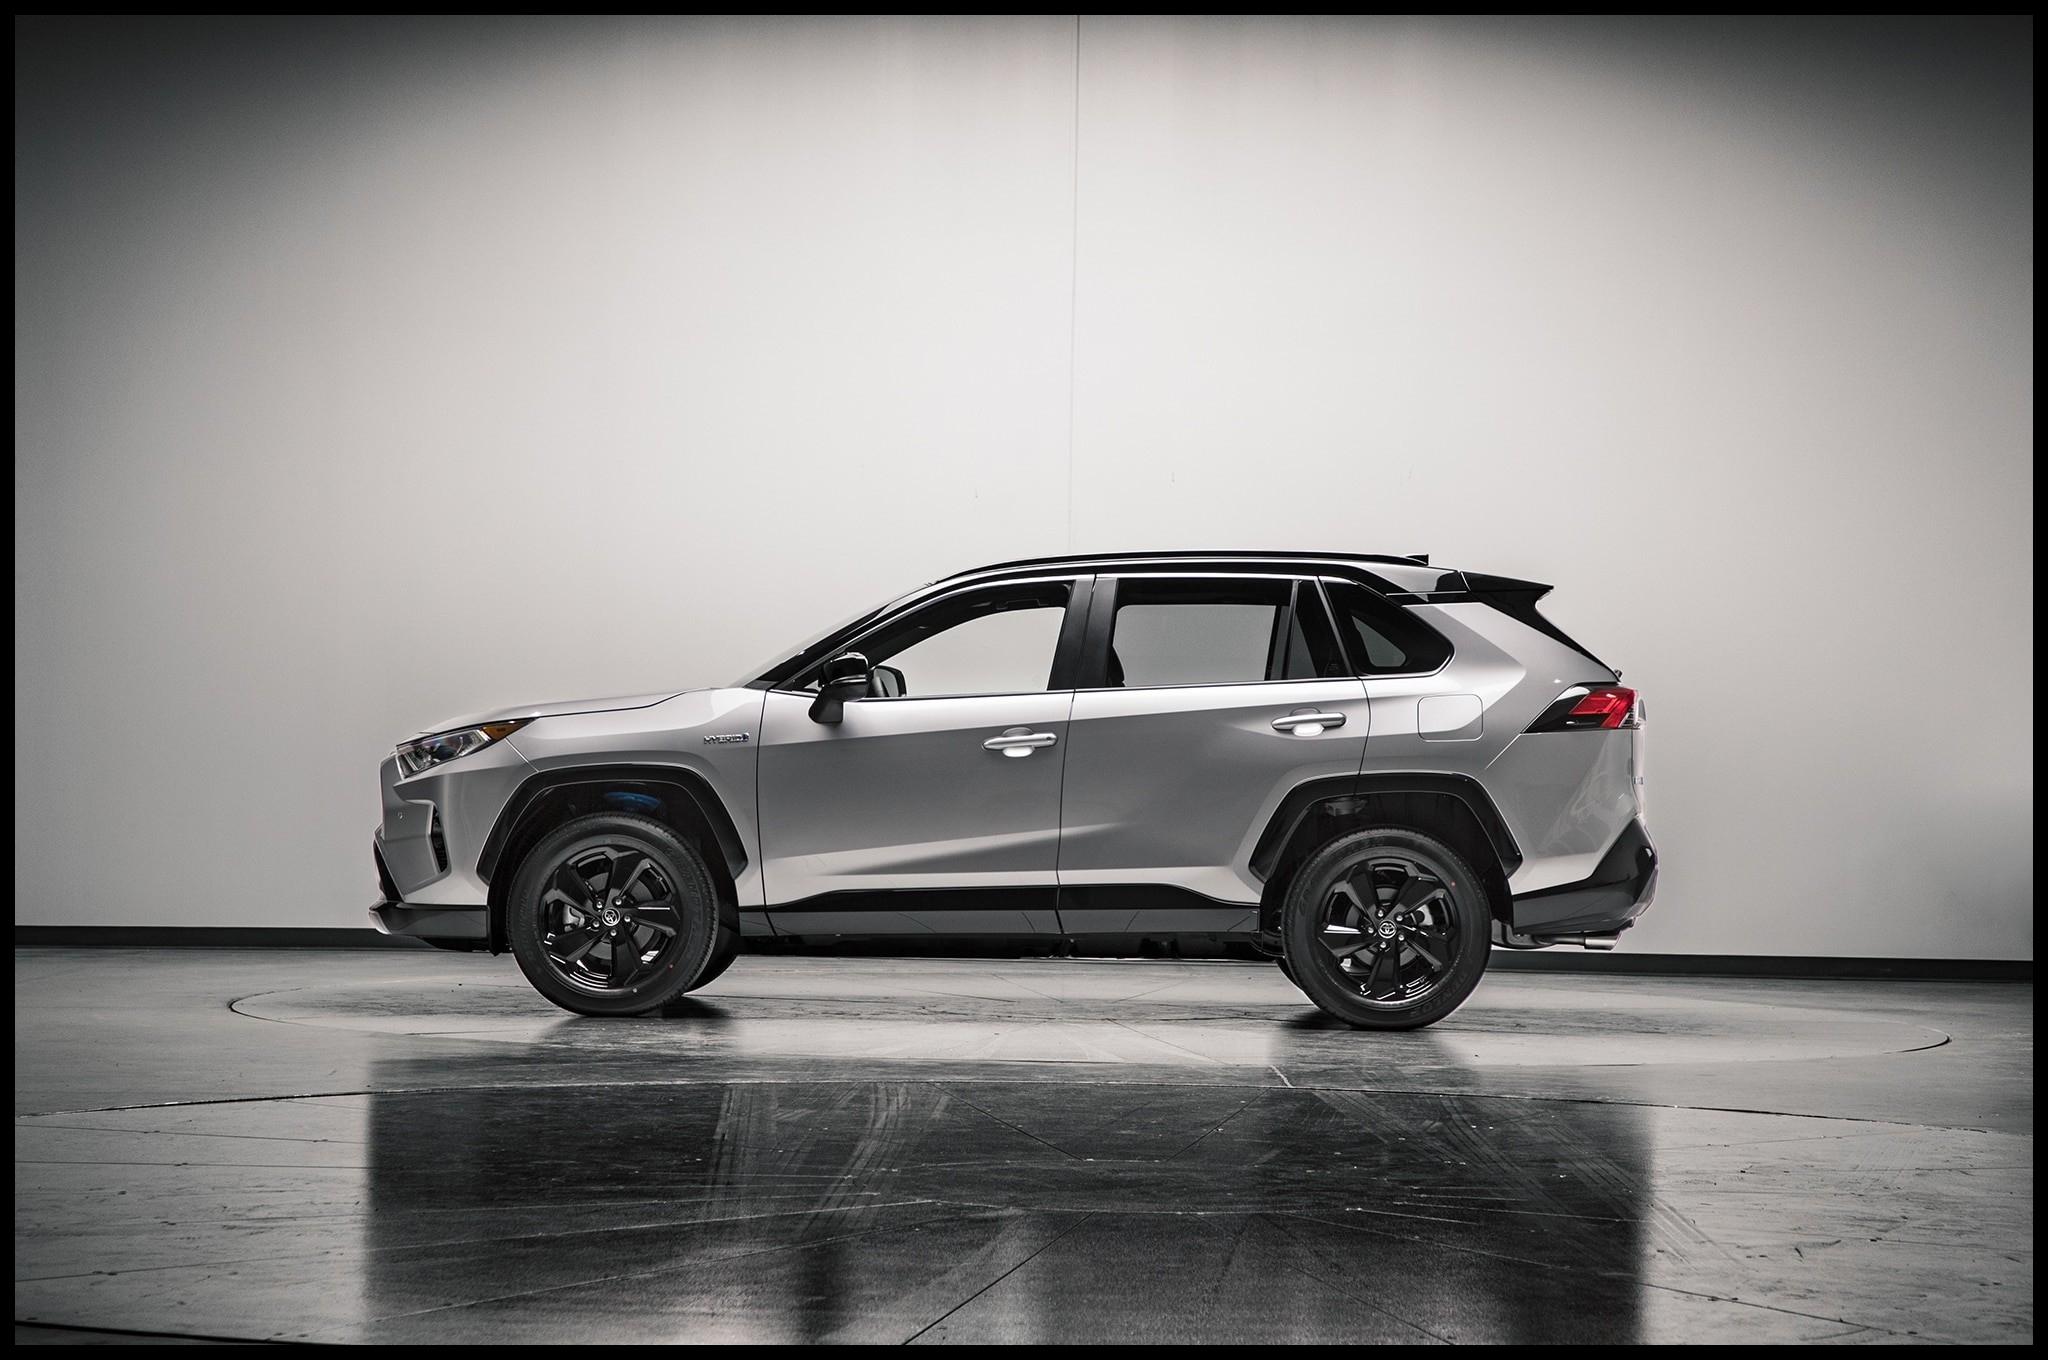 2019 toyota Hybrid Rav4 Unique Luxury 2019 toyota Rav4 Hybrid Mileage